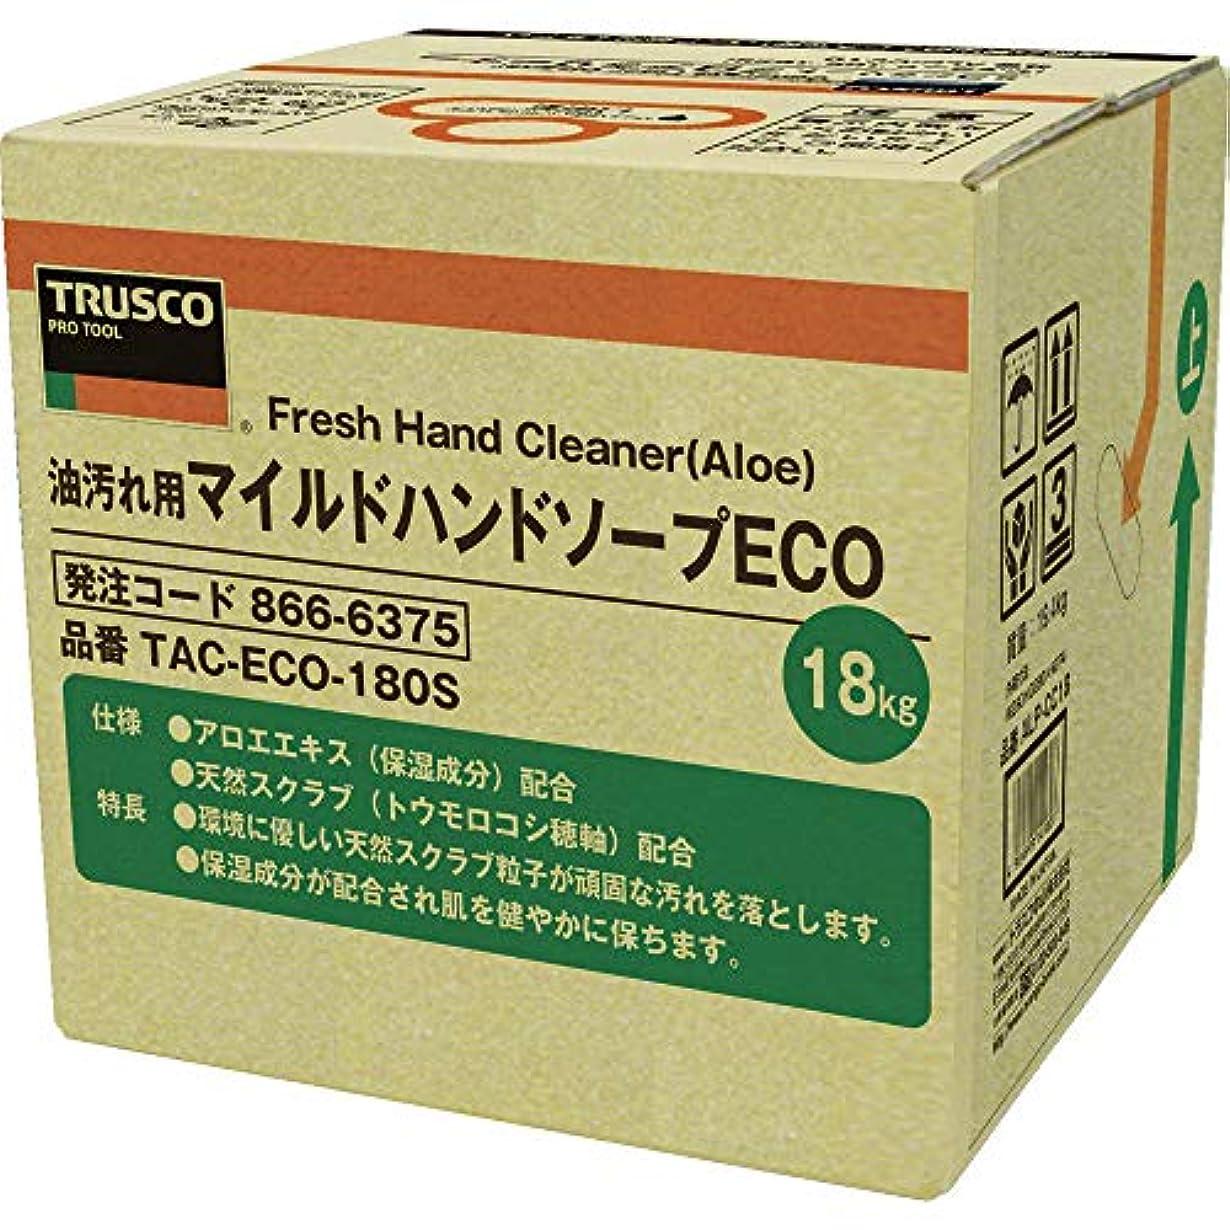 指定市民権溶岩TRUSCO(トラスコ) マイルドハンドソープ ECO 18L 詰替 バッグインボックス TACECO180S